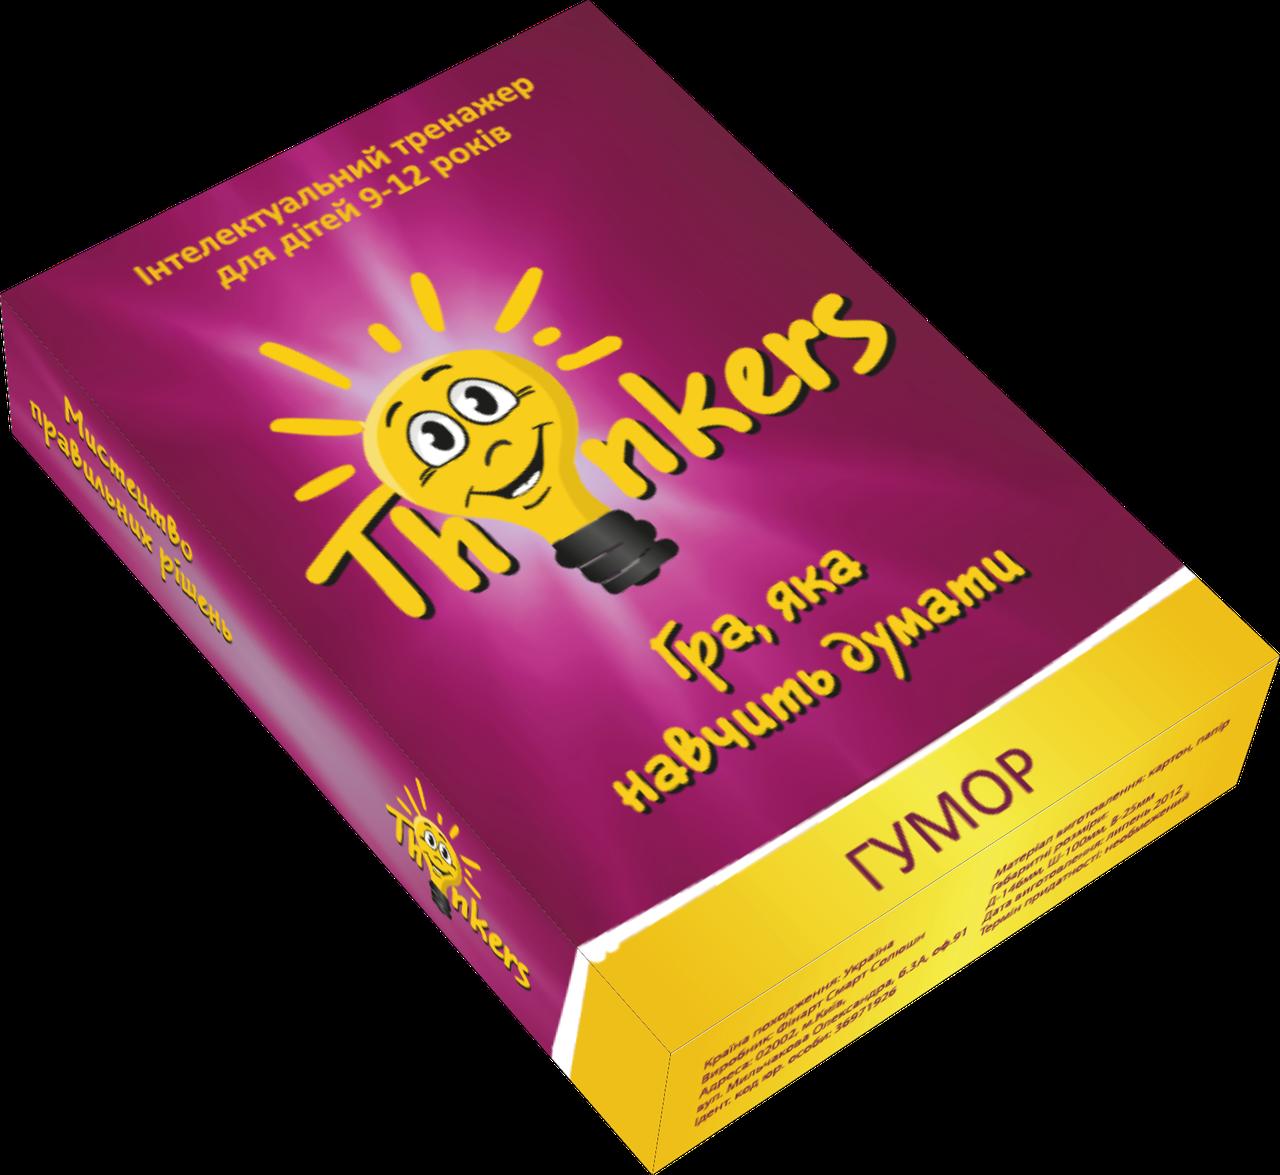 Thinkers Гумор 9-12 років (українською) (09031)